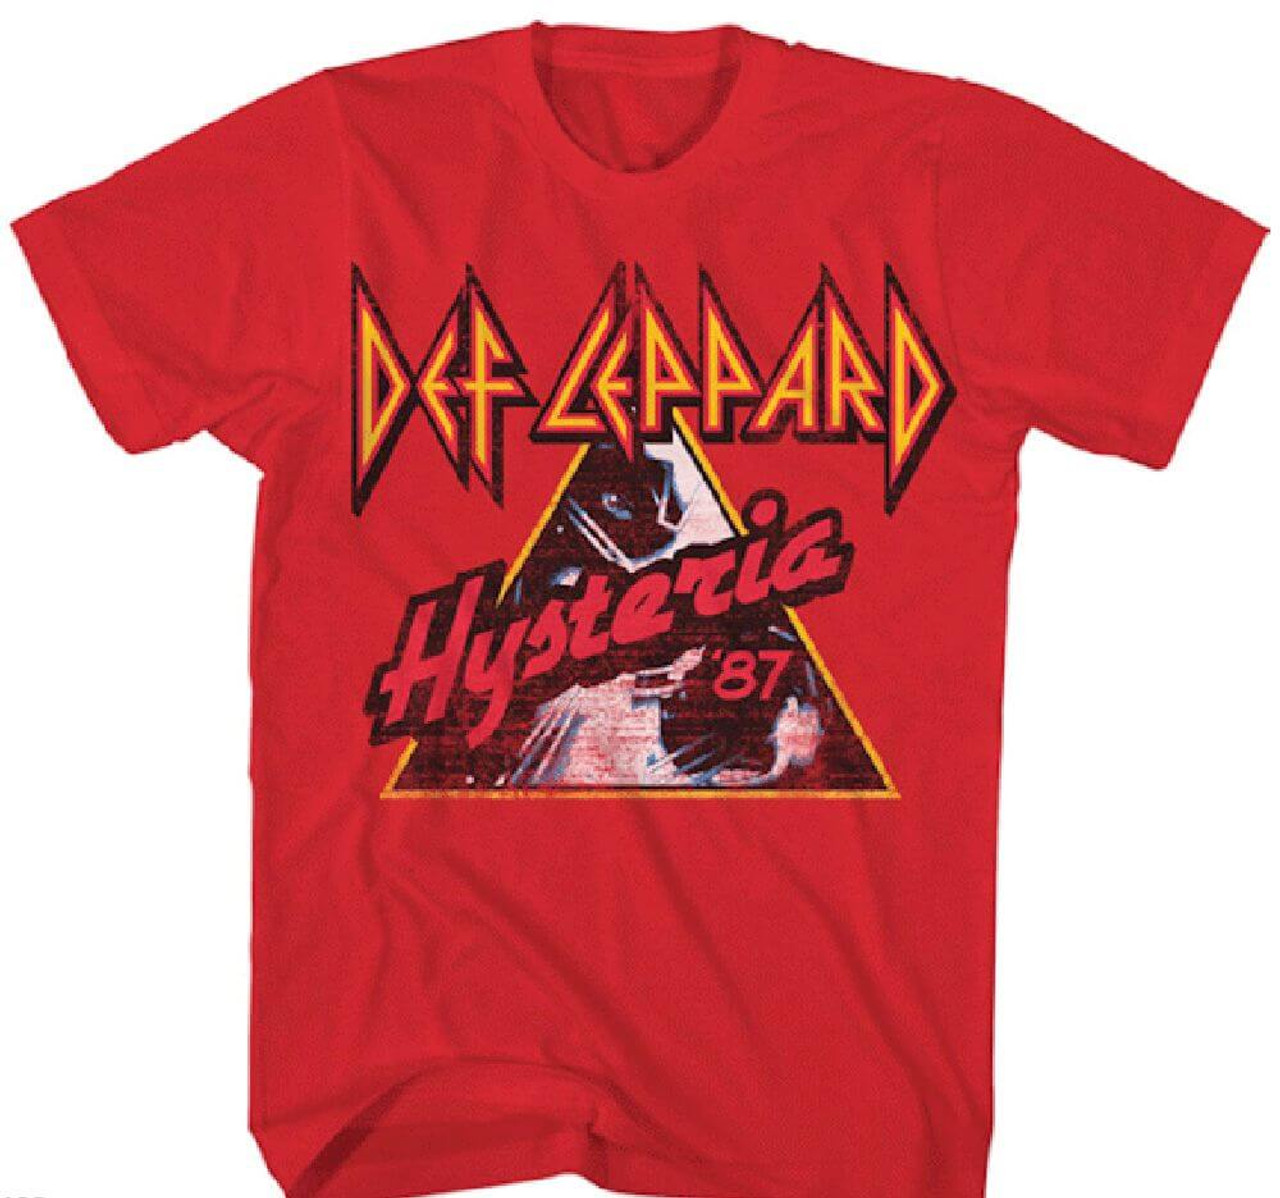 Def Leppard Hysteria 1987 Vintage Concert Tour T Shirt